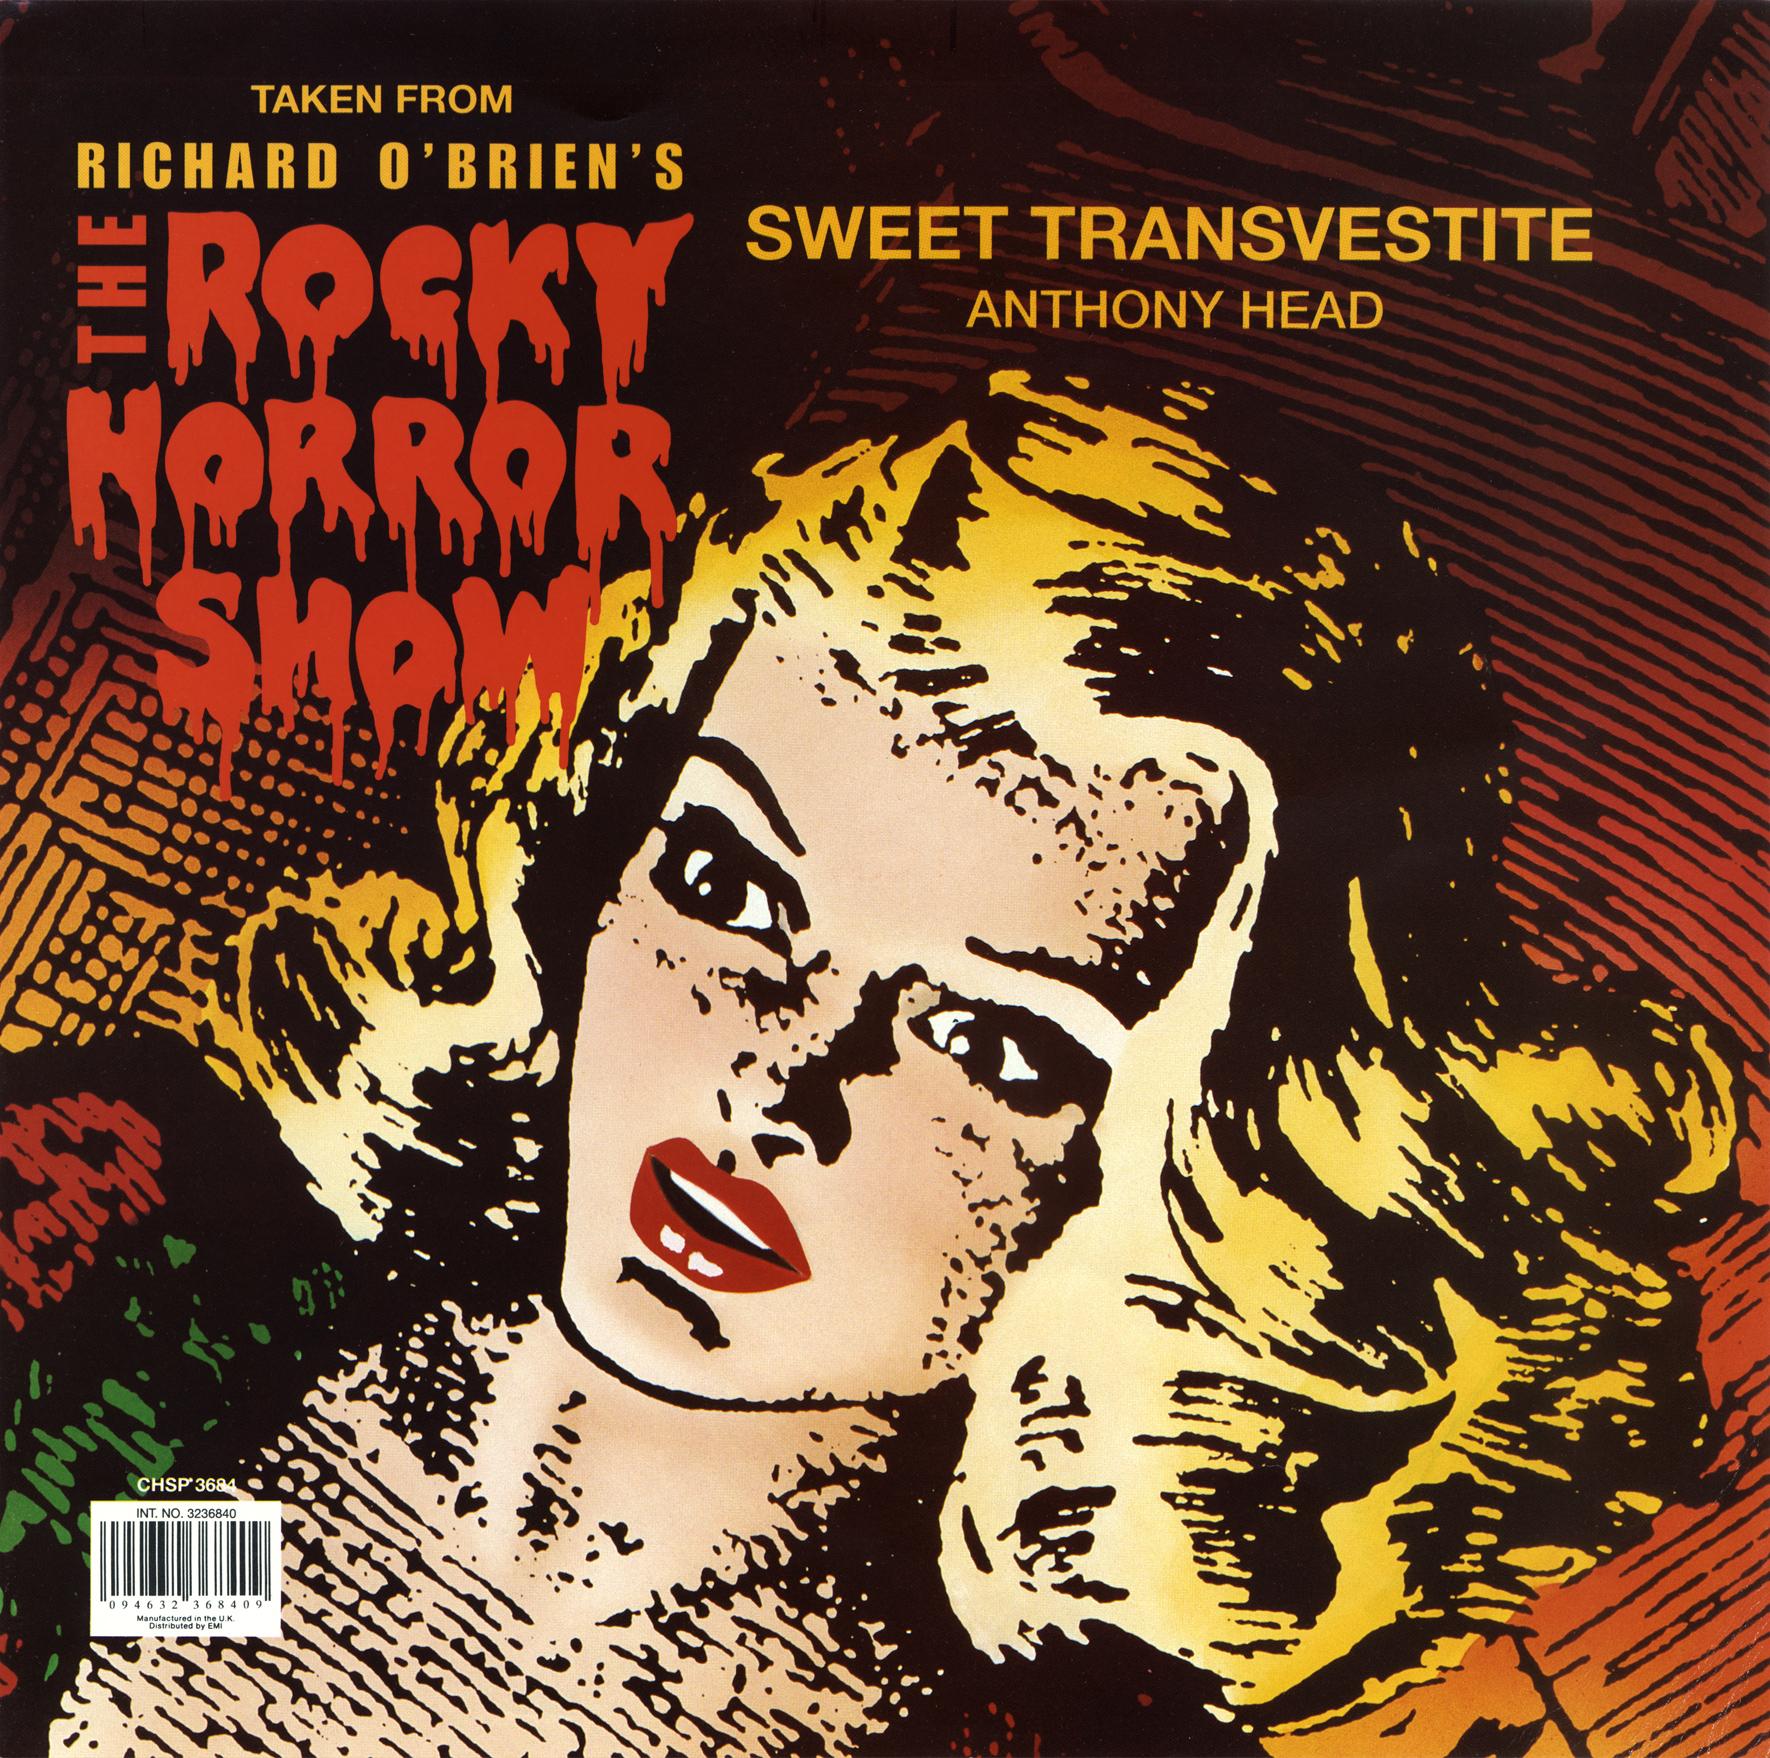 Sweet transvestite anthony